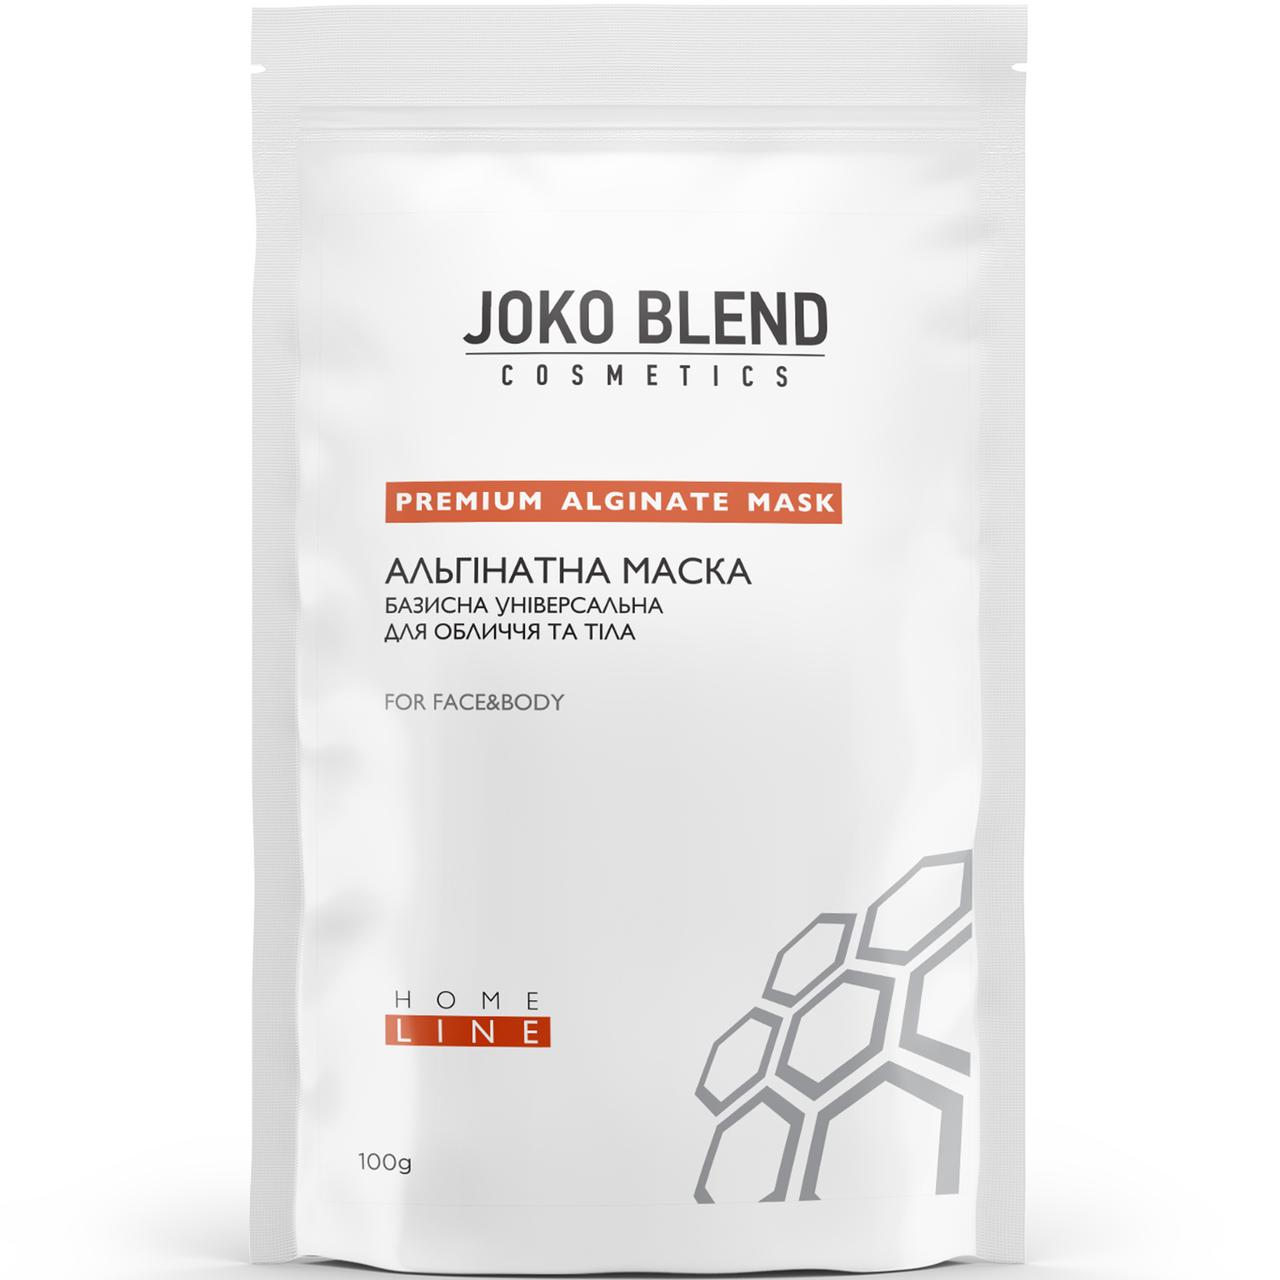 Альгинатная маска Joko Blend базисная универсальная для лица и тела, 100 г